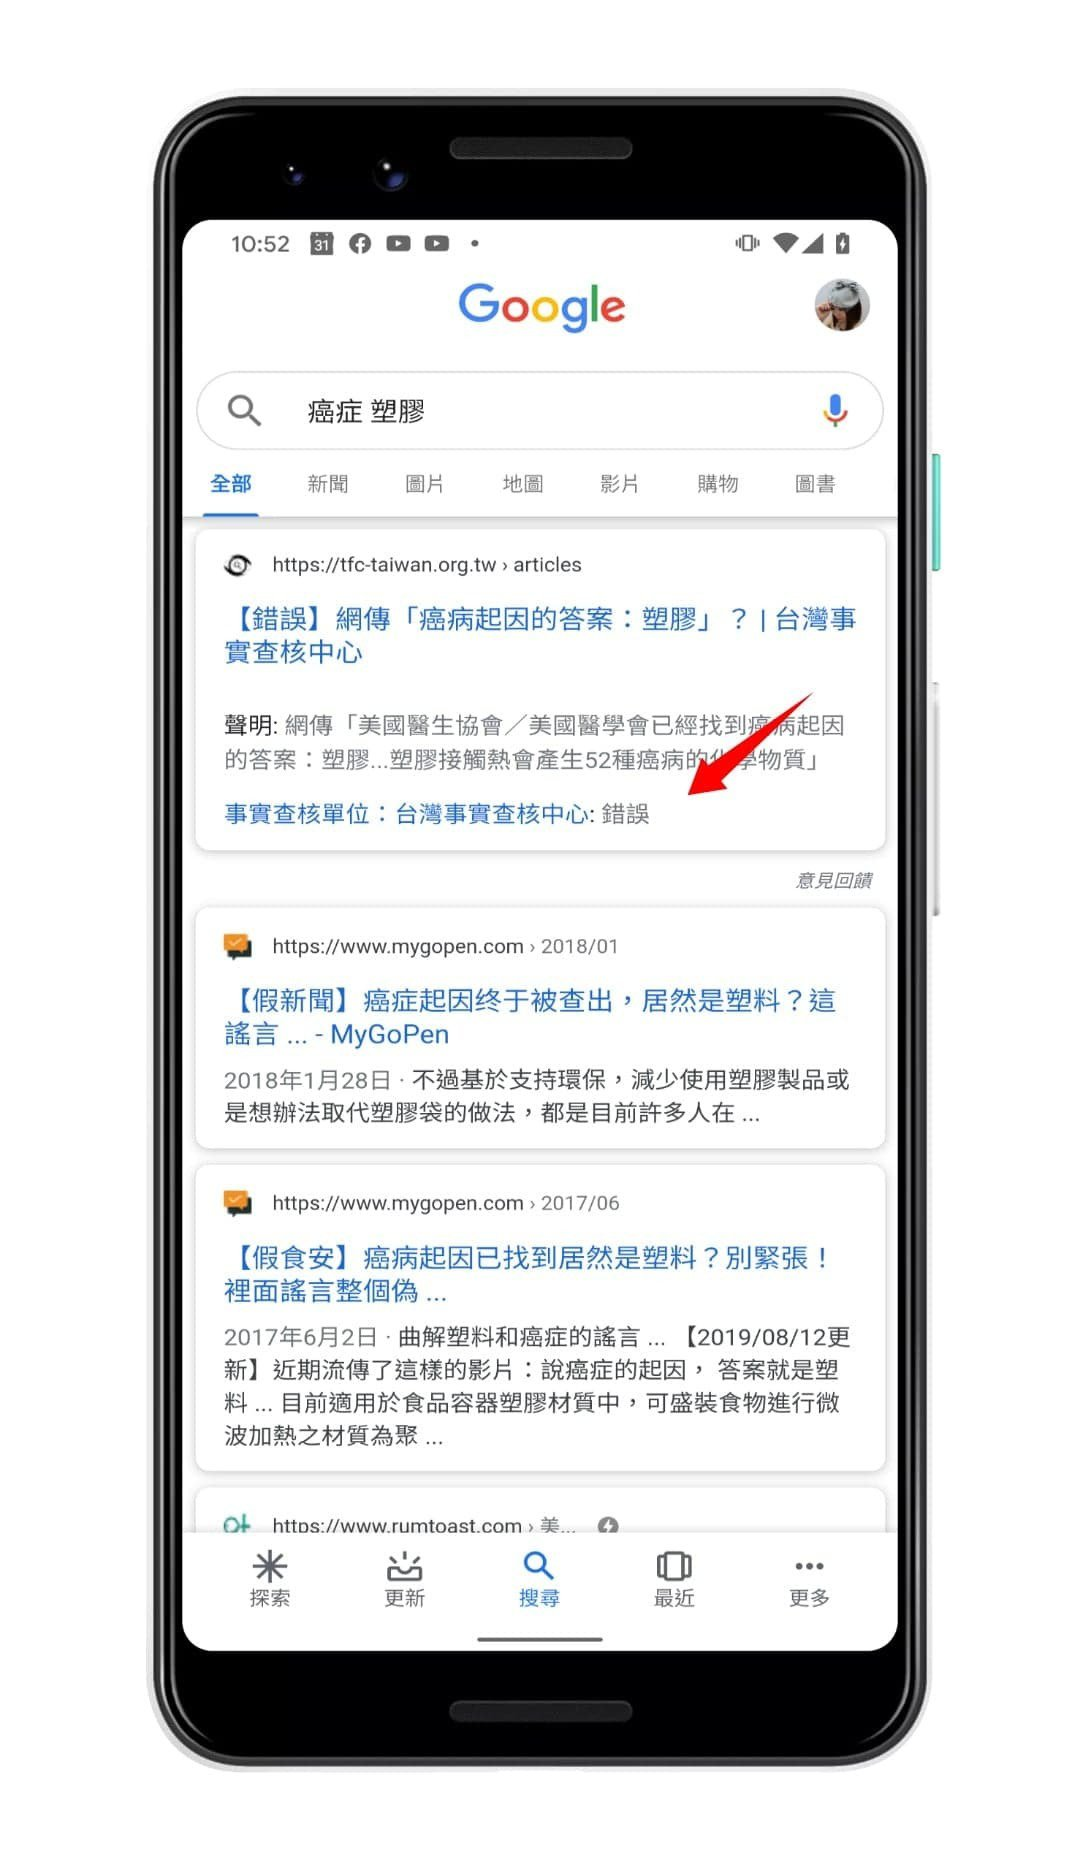 台灣事實查核中心及MyGoPen,都已正式採用事實查核標籤,讓民眾在使用Goog...